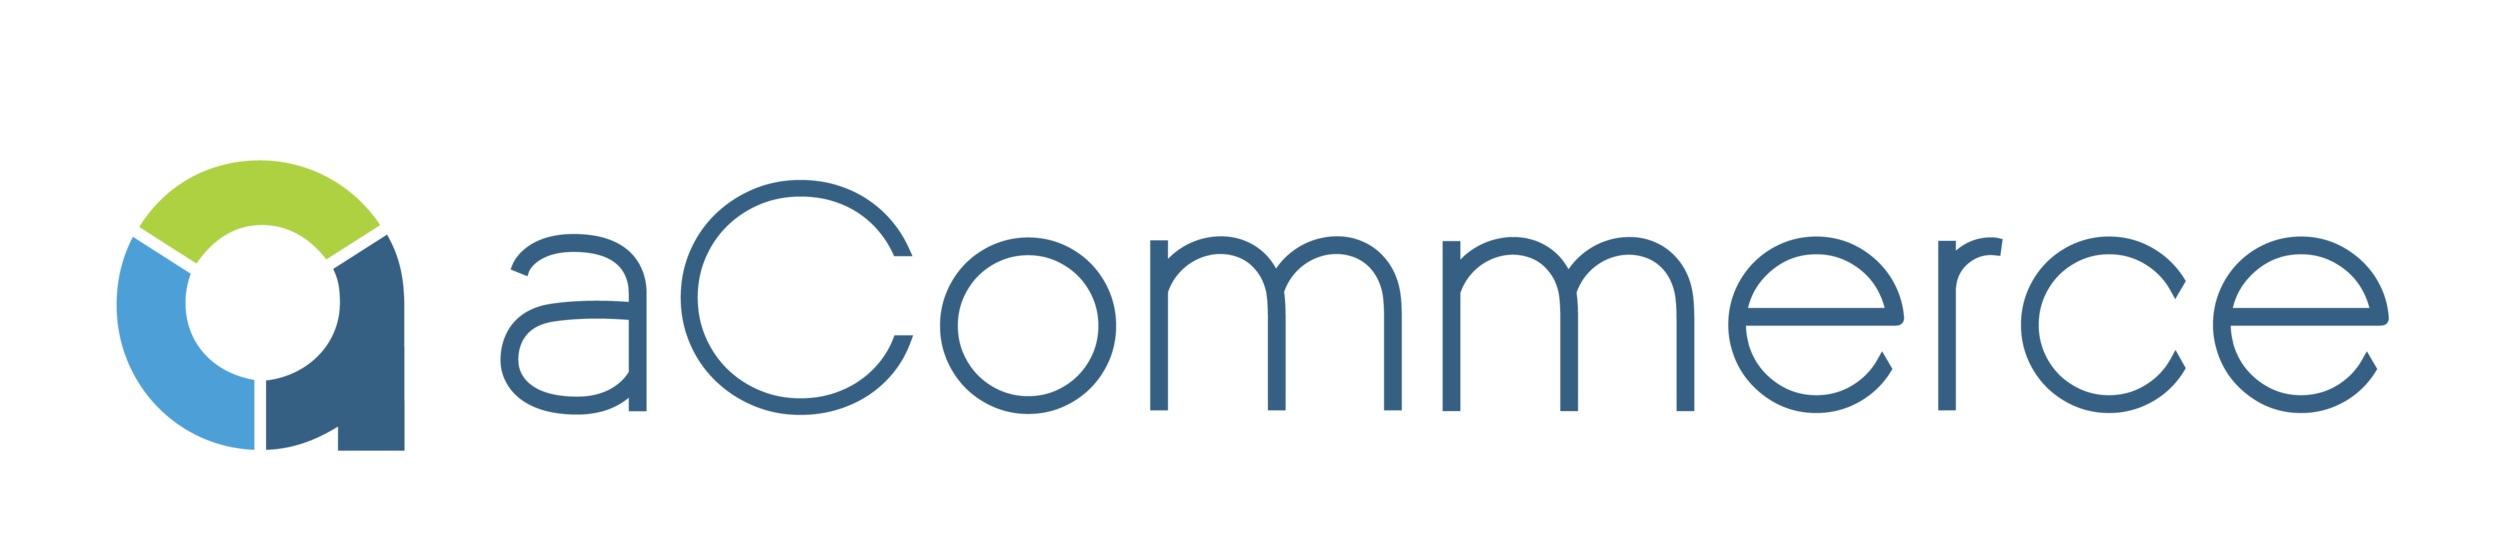 Acommerce.jpg